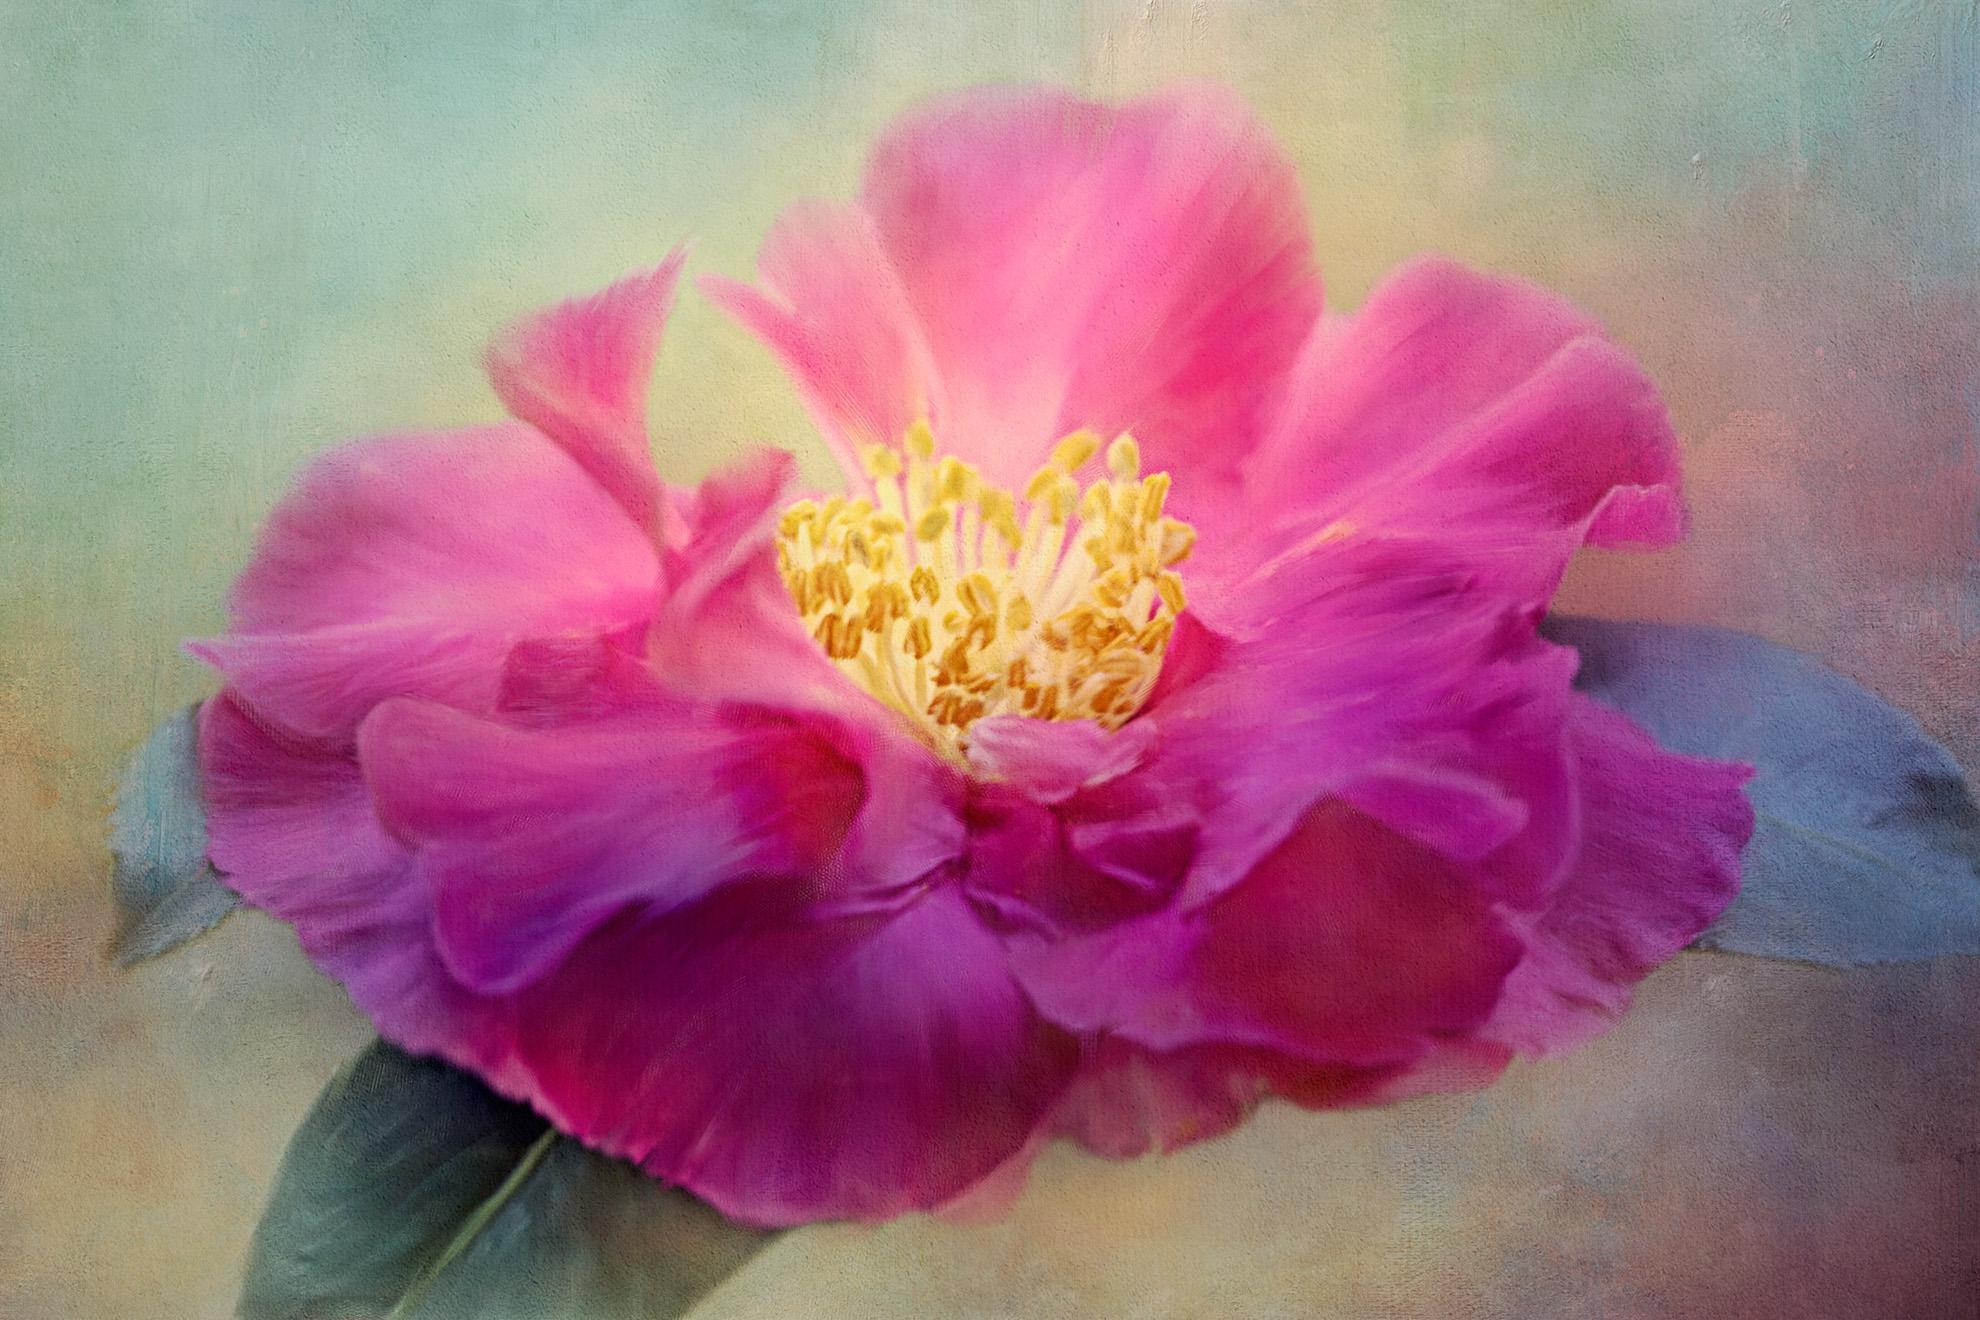 Camellia sasanqua.